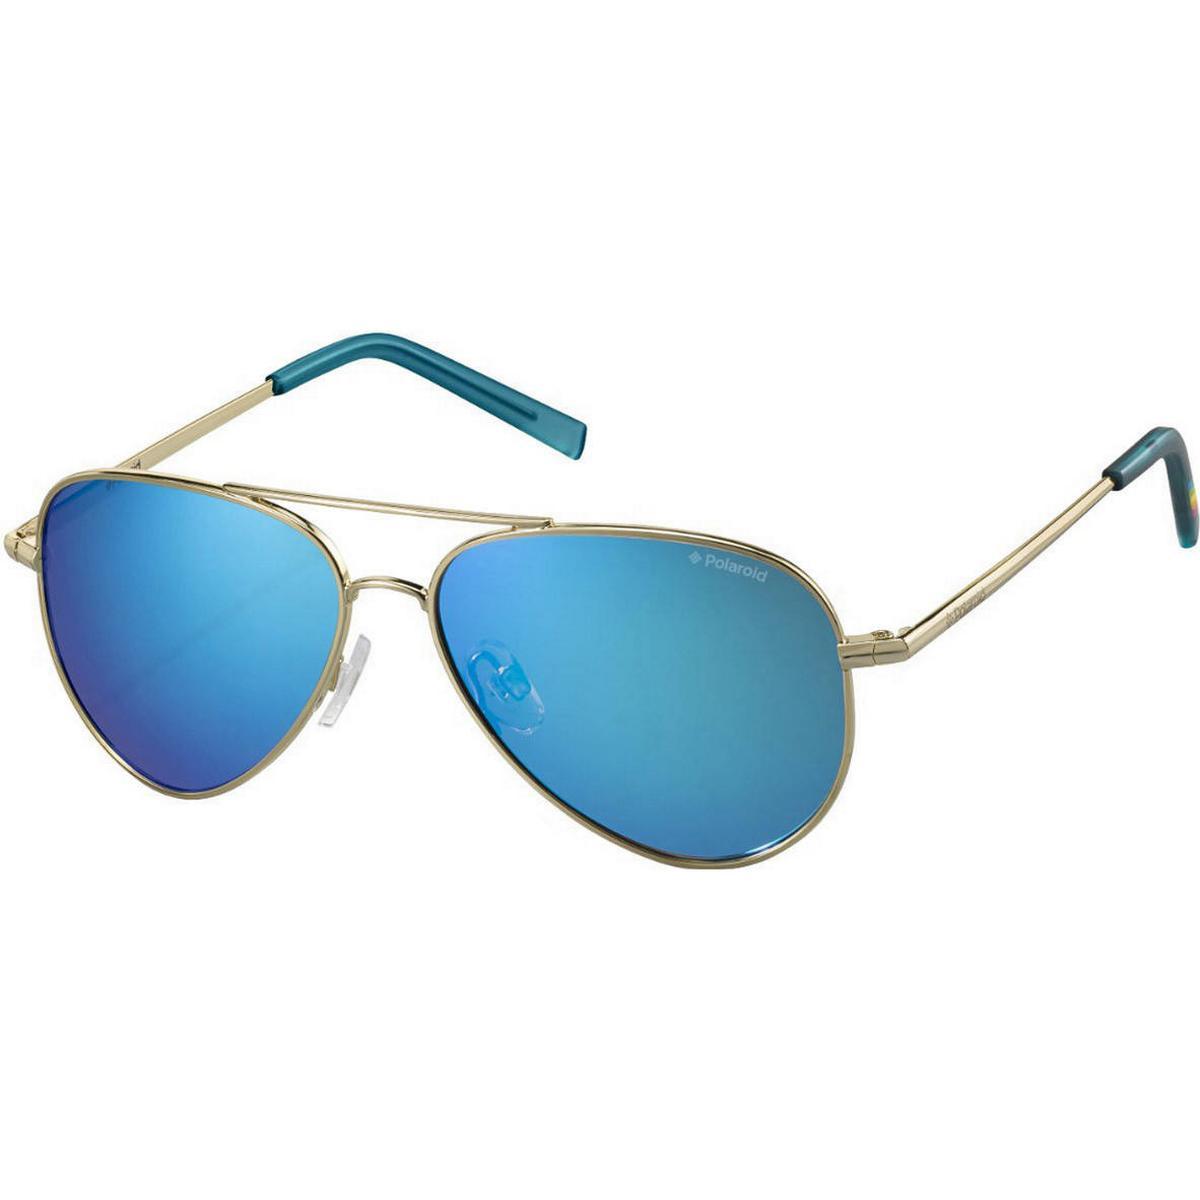 3f0fd6e0600 UV-beskyttelse - Børne solbriller - Sammenlign priser hos PriceRunner